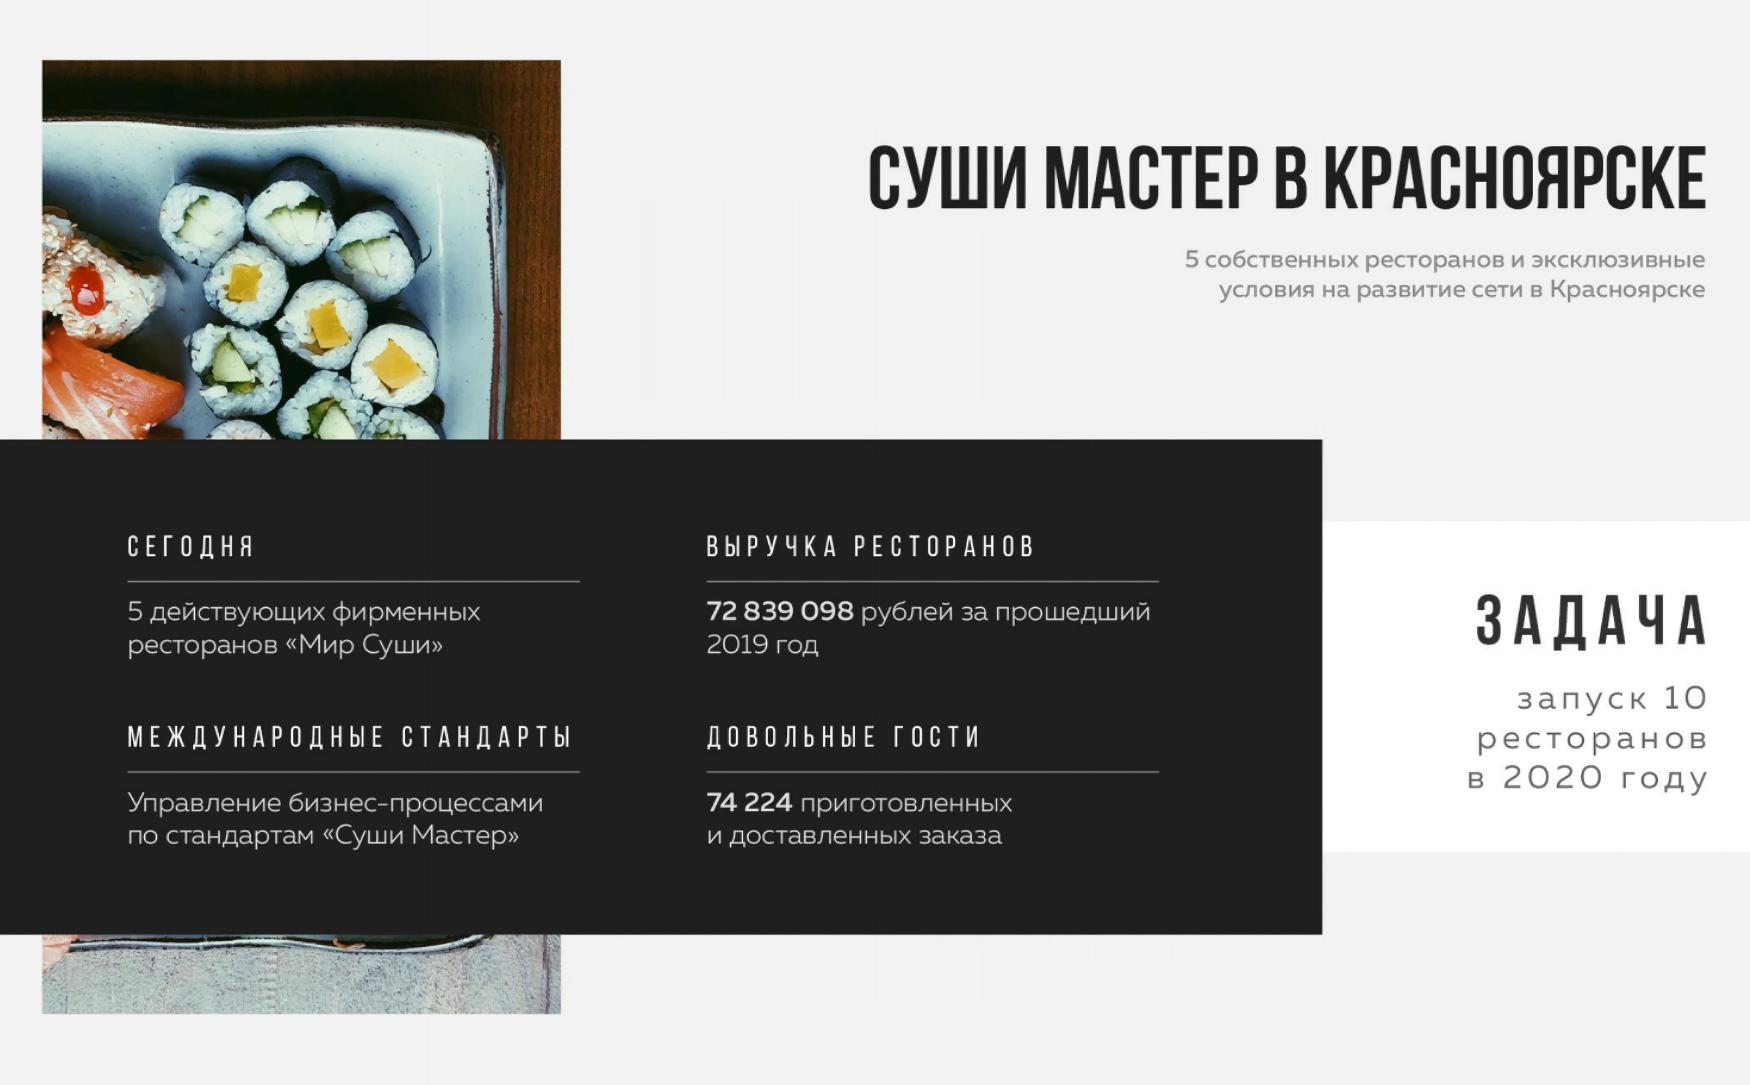 В презентации пишут, что рестораны называются «Мир суши» и работают по стандартам «Суши-мастера»